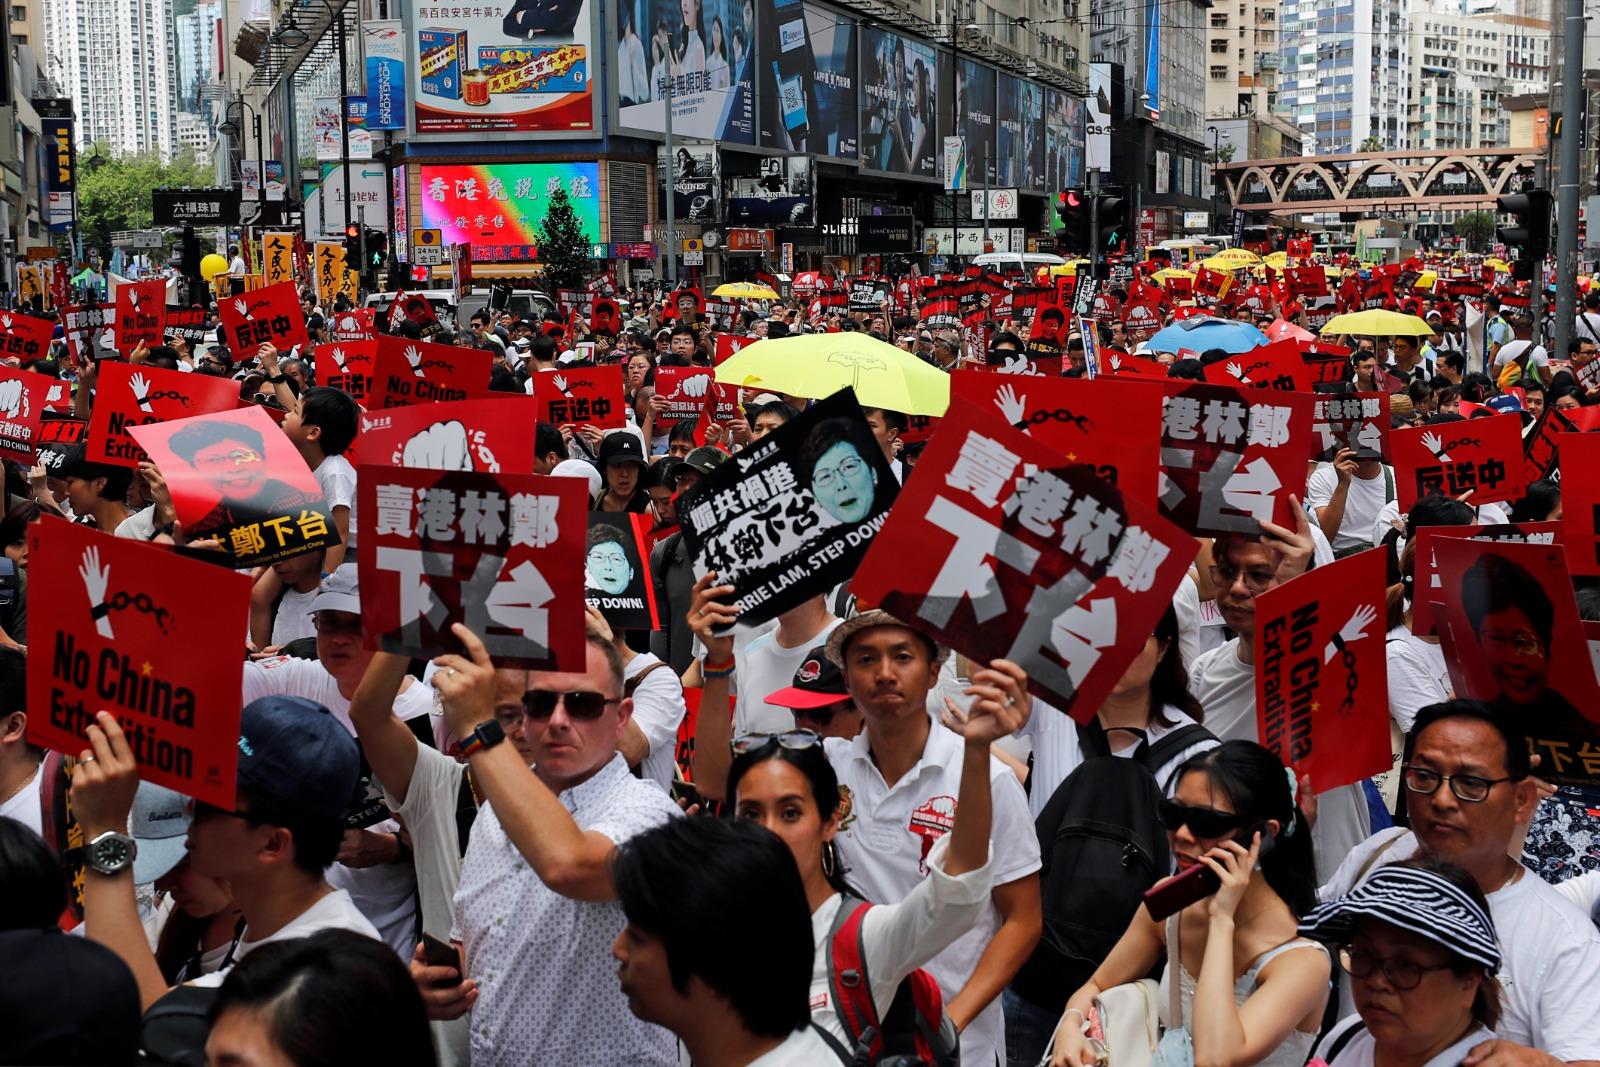 去年6月9日,一百万香港人扶老携幼走上街头游行后,港府仍坚持把引起争议的《逃犯条例》修订草案,提交到立法会审议,为之后燃烧不灭的民怨种下祸根。(路透社图片)